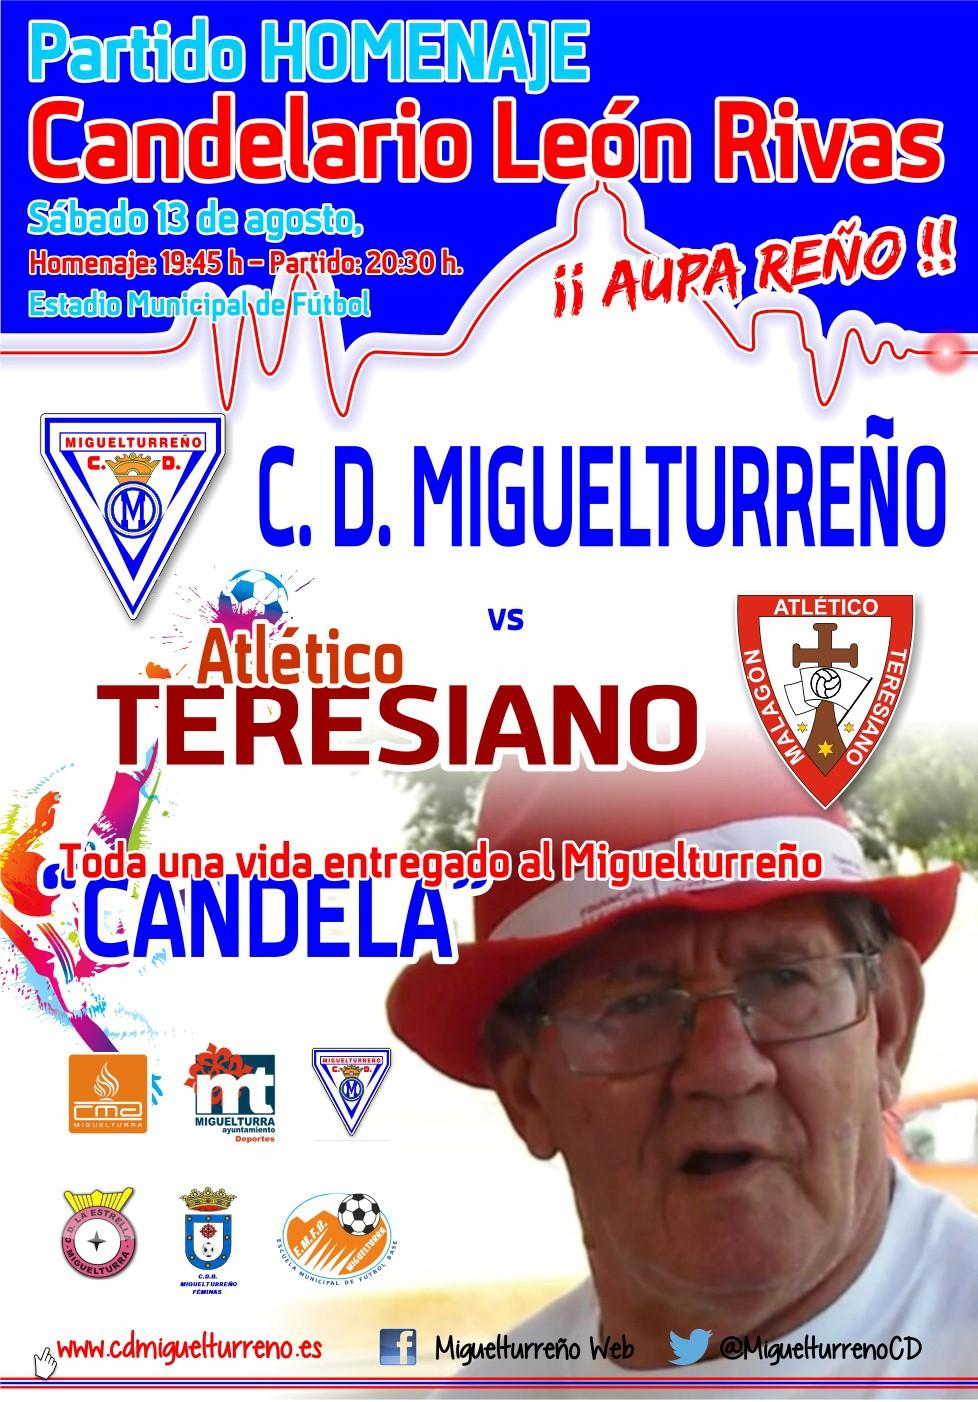 El C.D. Miguelturreño rendirá un homenaje a Candelario León Rivas en los prolegómenos del partido ante el Atlético Teresiano